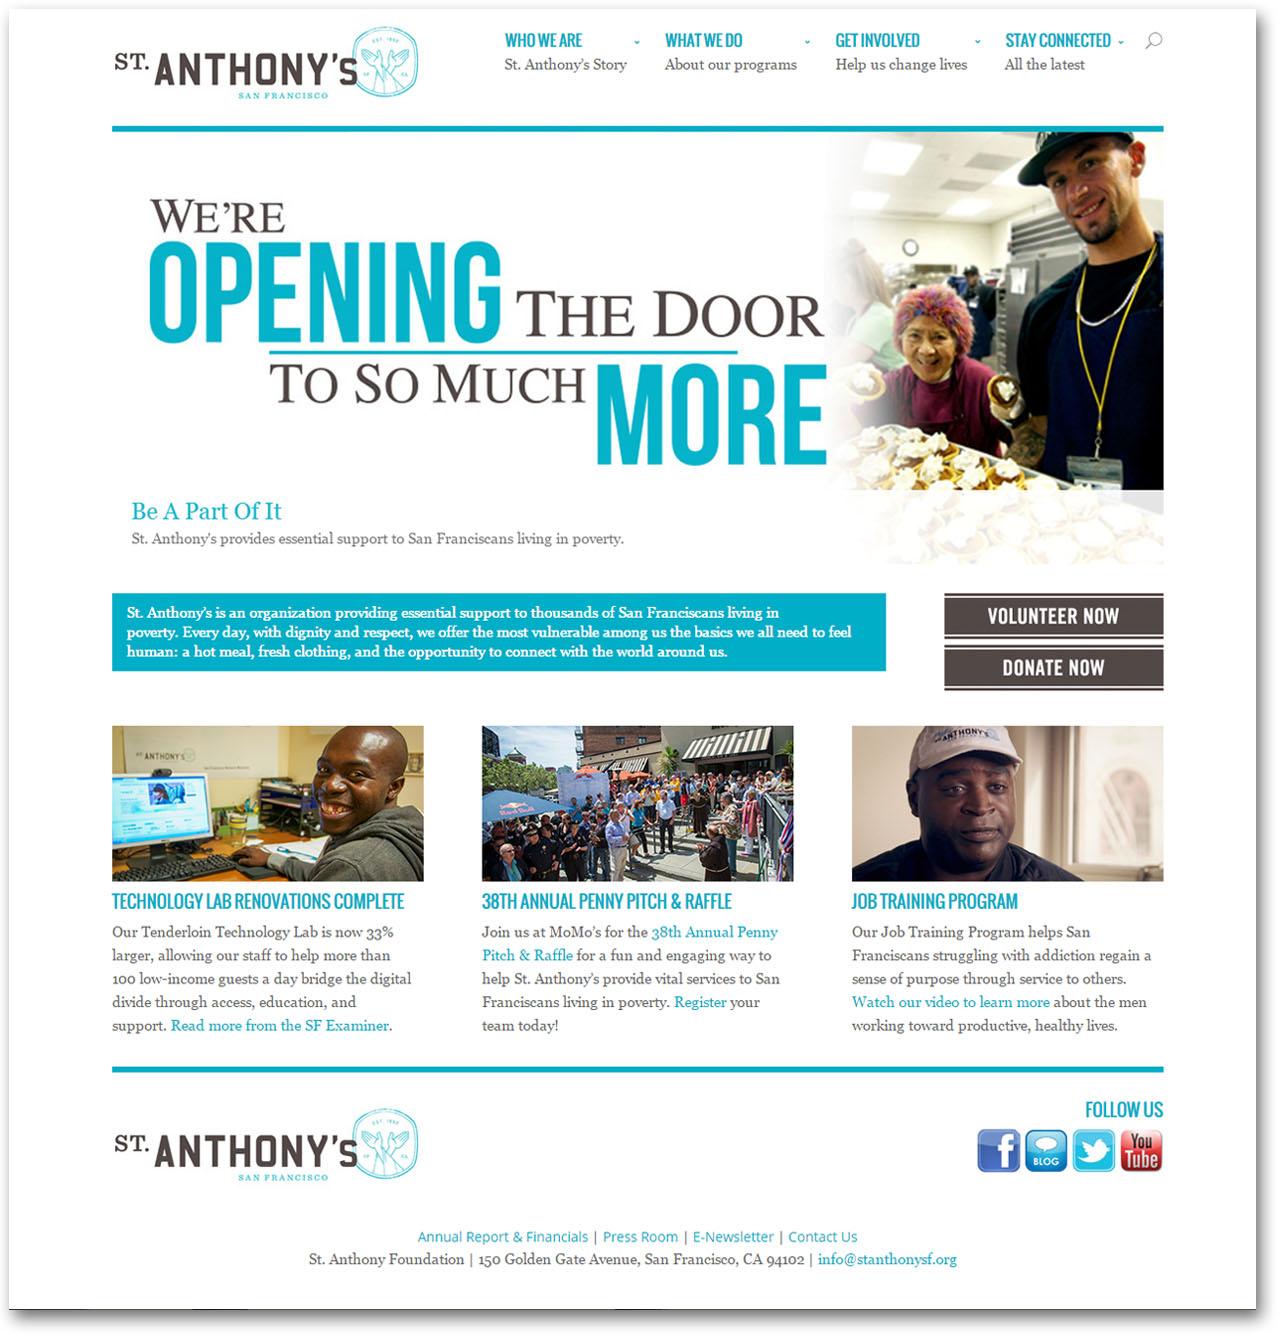 Portfolio: St. Anthony's